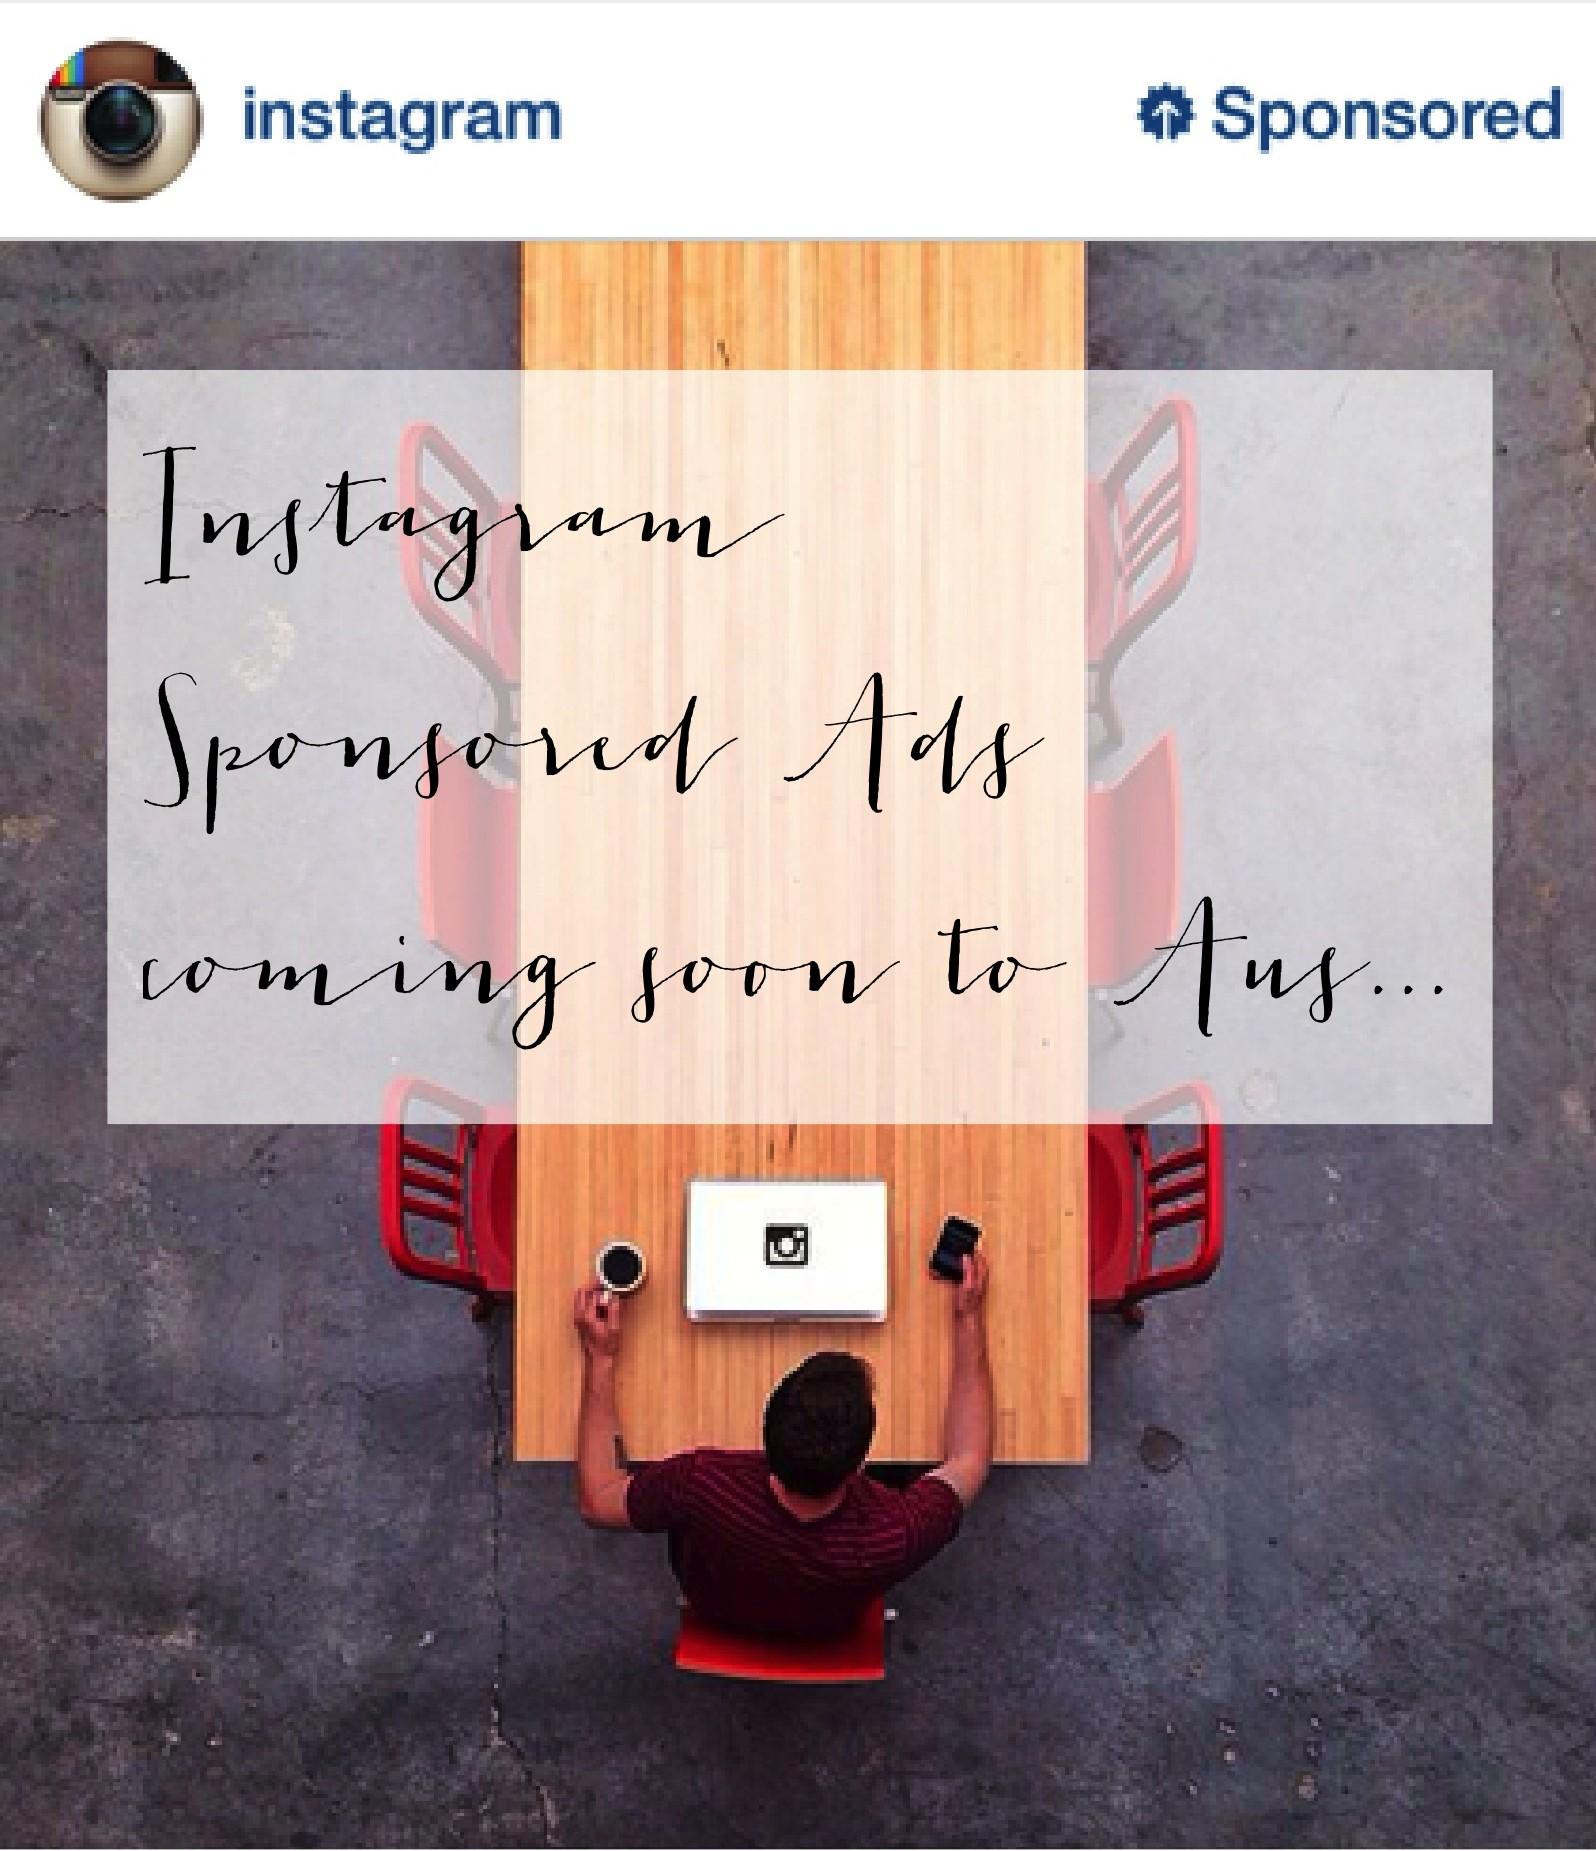 Instagram-Sponsored-Ads-e1411534804154.jpg